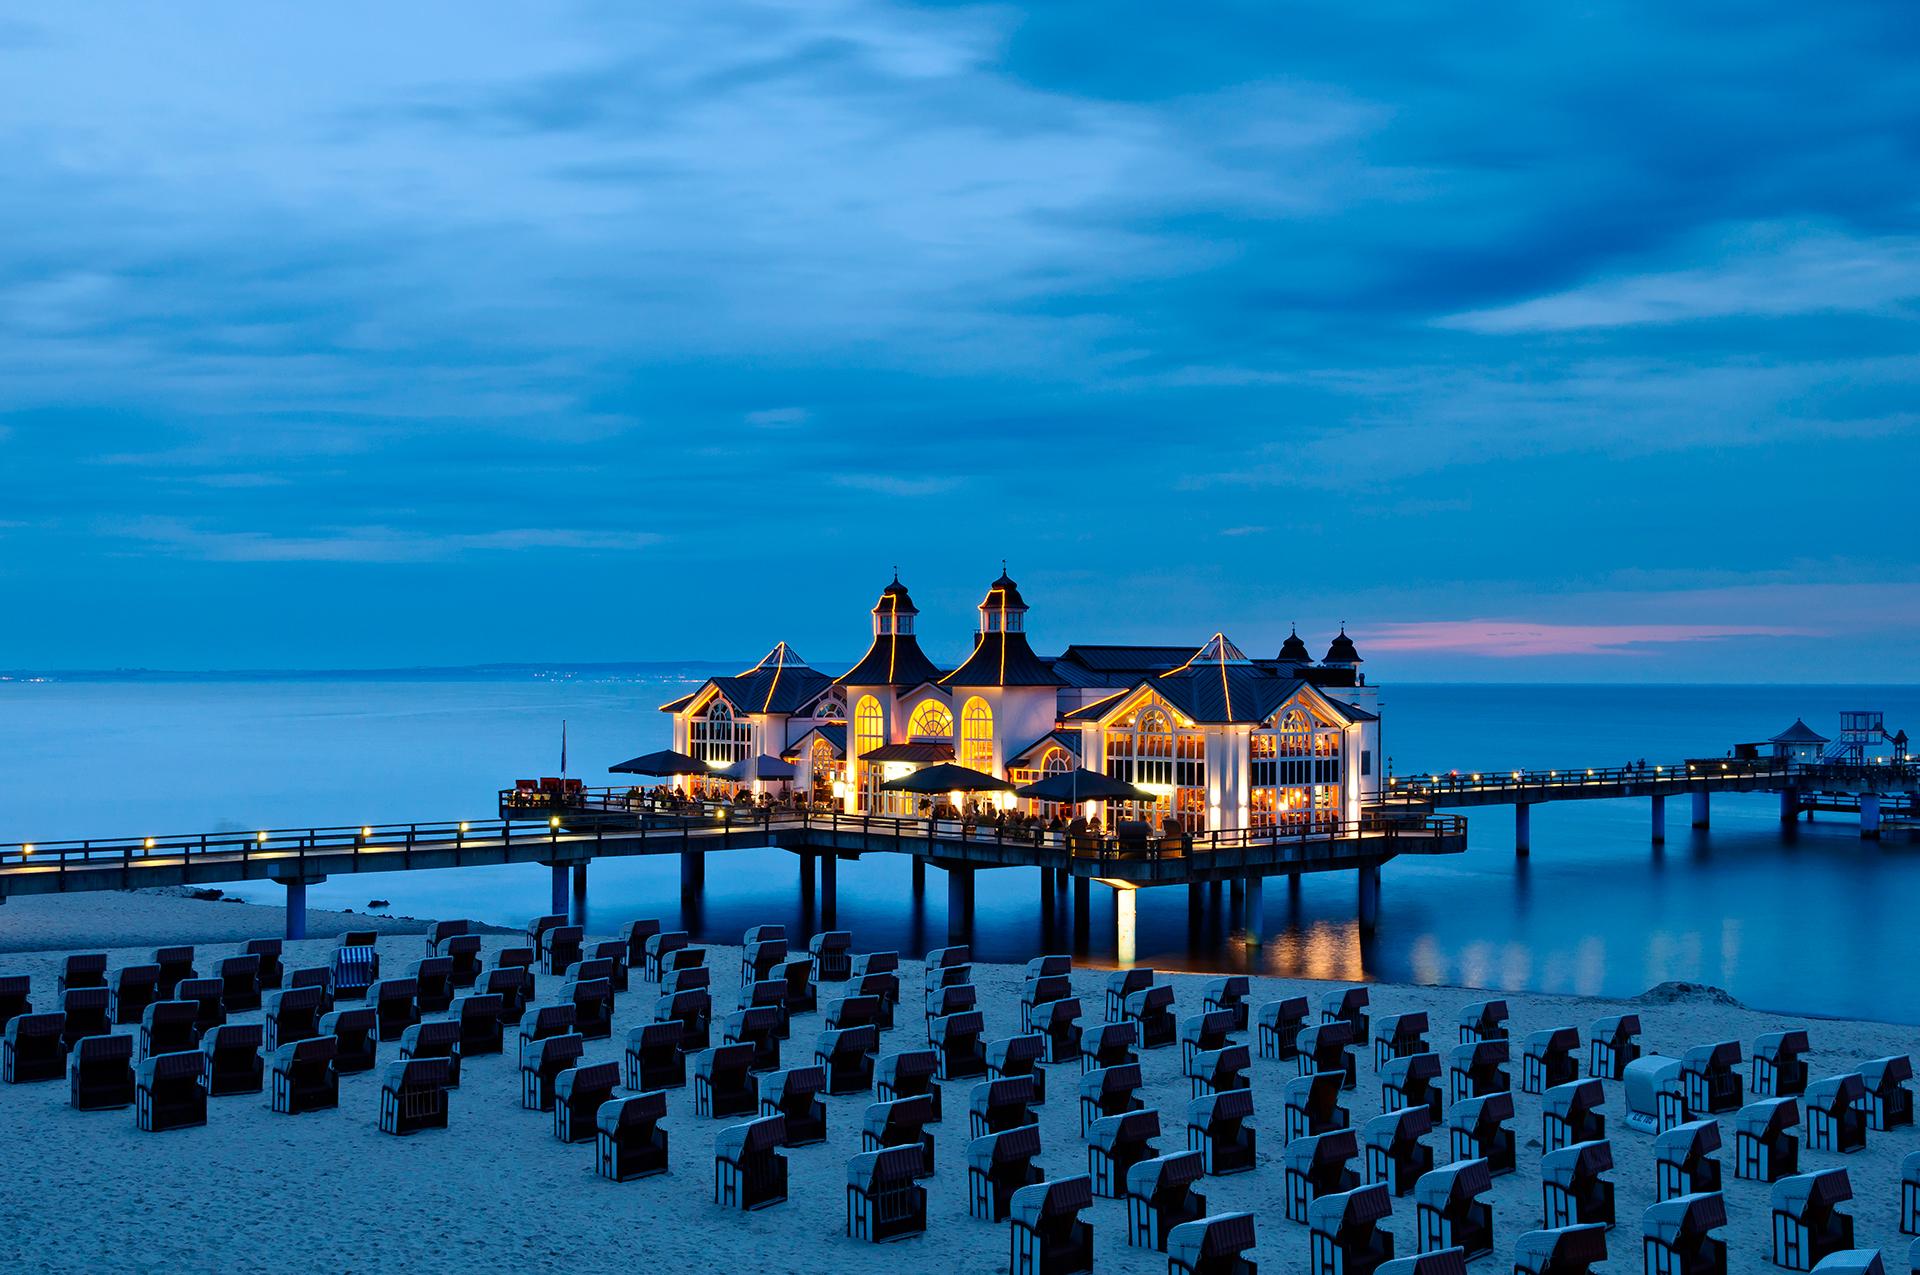 Con sus playas de arena blanca, copas de castaños, robles, olmos y álamos, una arquitectura encantadora e incluso su propio parque nacional, Rügen ofrece numerosas formas de disfrutar de la naturaleza